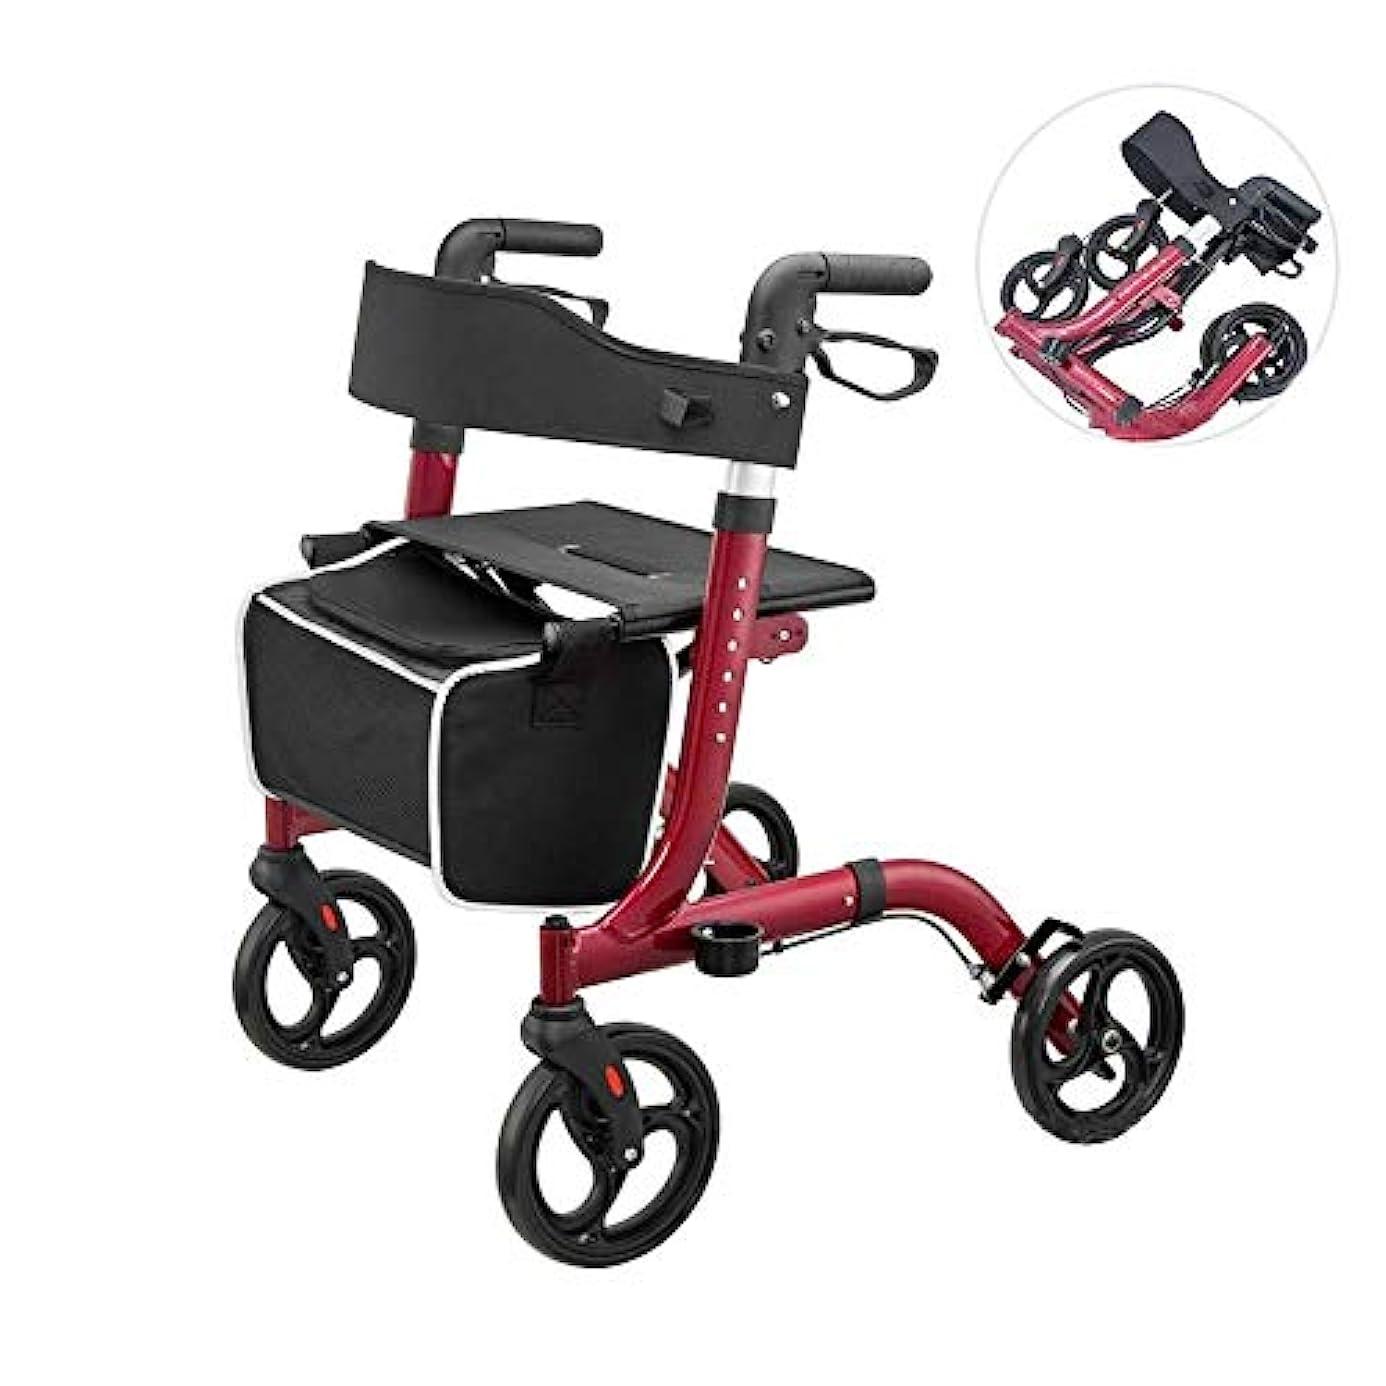 良性ぜいたくバック障害者および老人用の座席と買い物かごを備えた軽量折りたたみ式歩行器